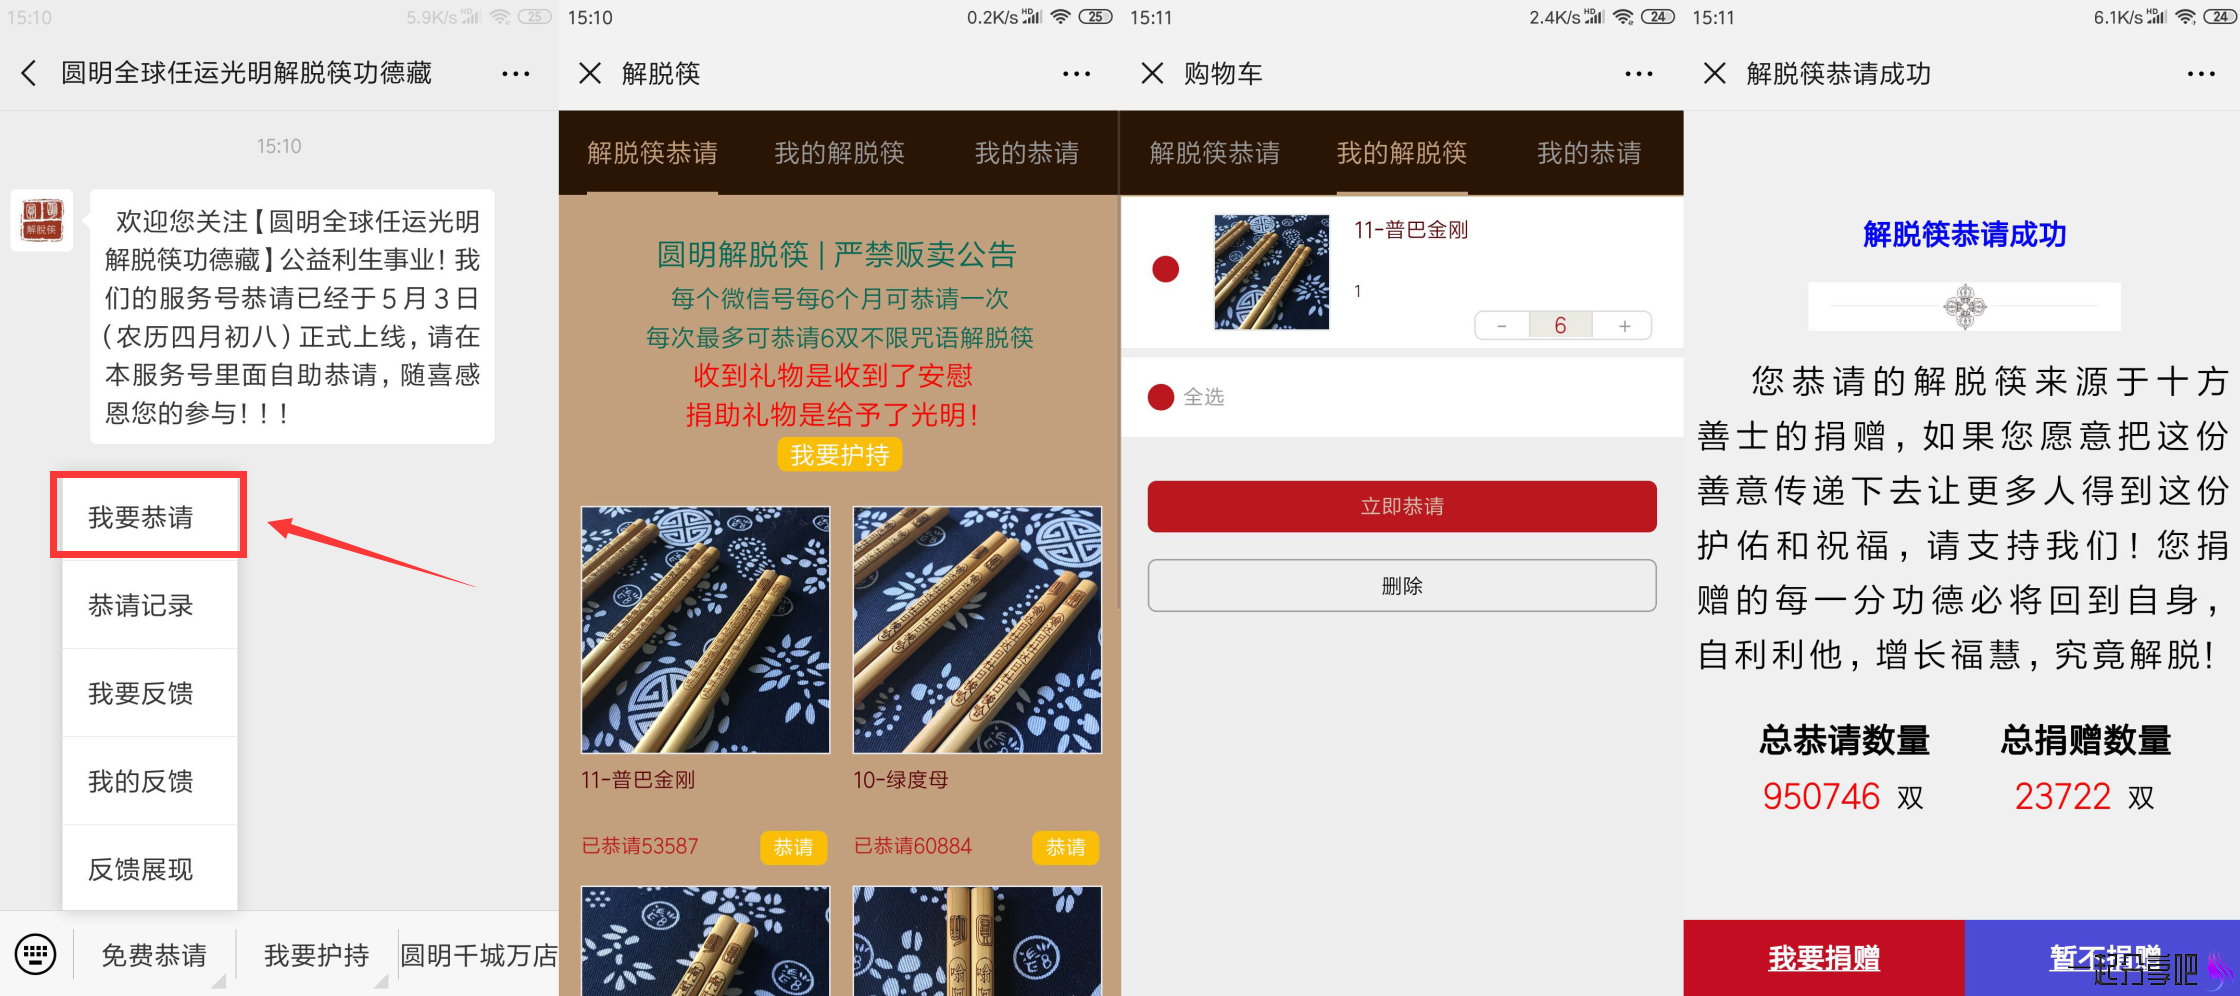 圆明全球免费恭请6把筷子 第1张